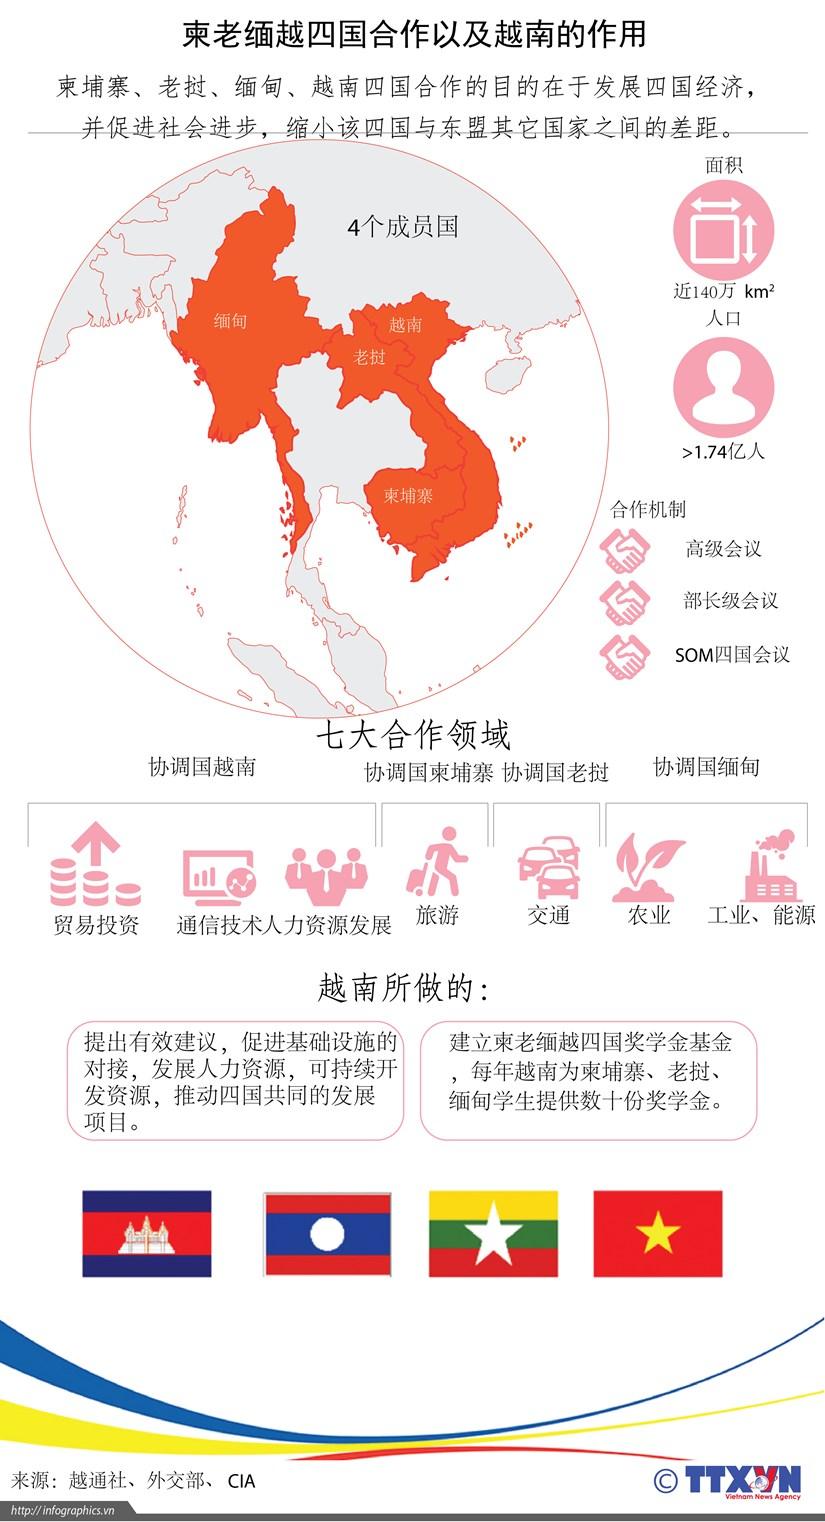 图表新闻:柬老缅越四国合作以及越南的作用 hinh anh 1